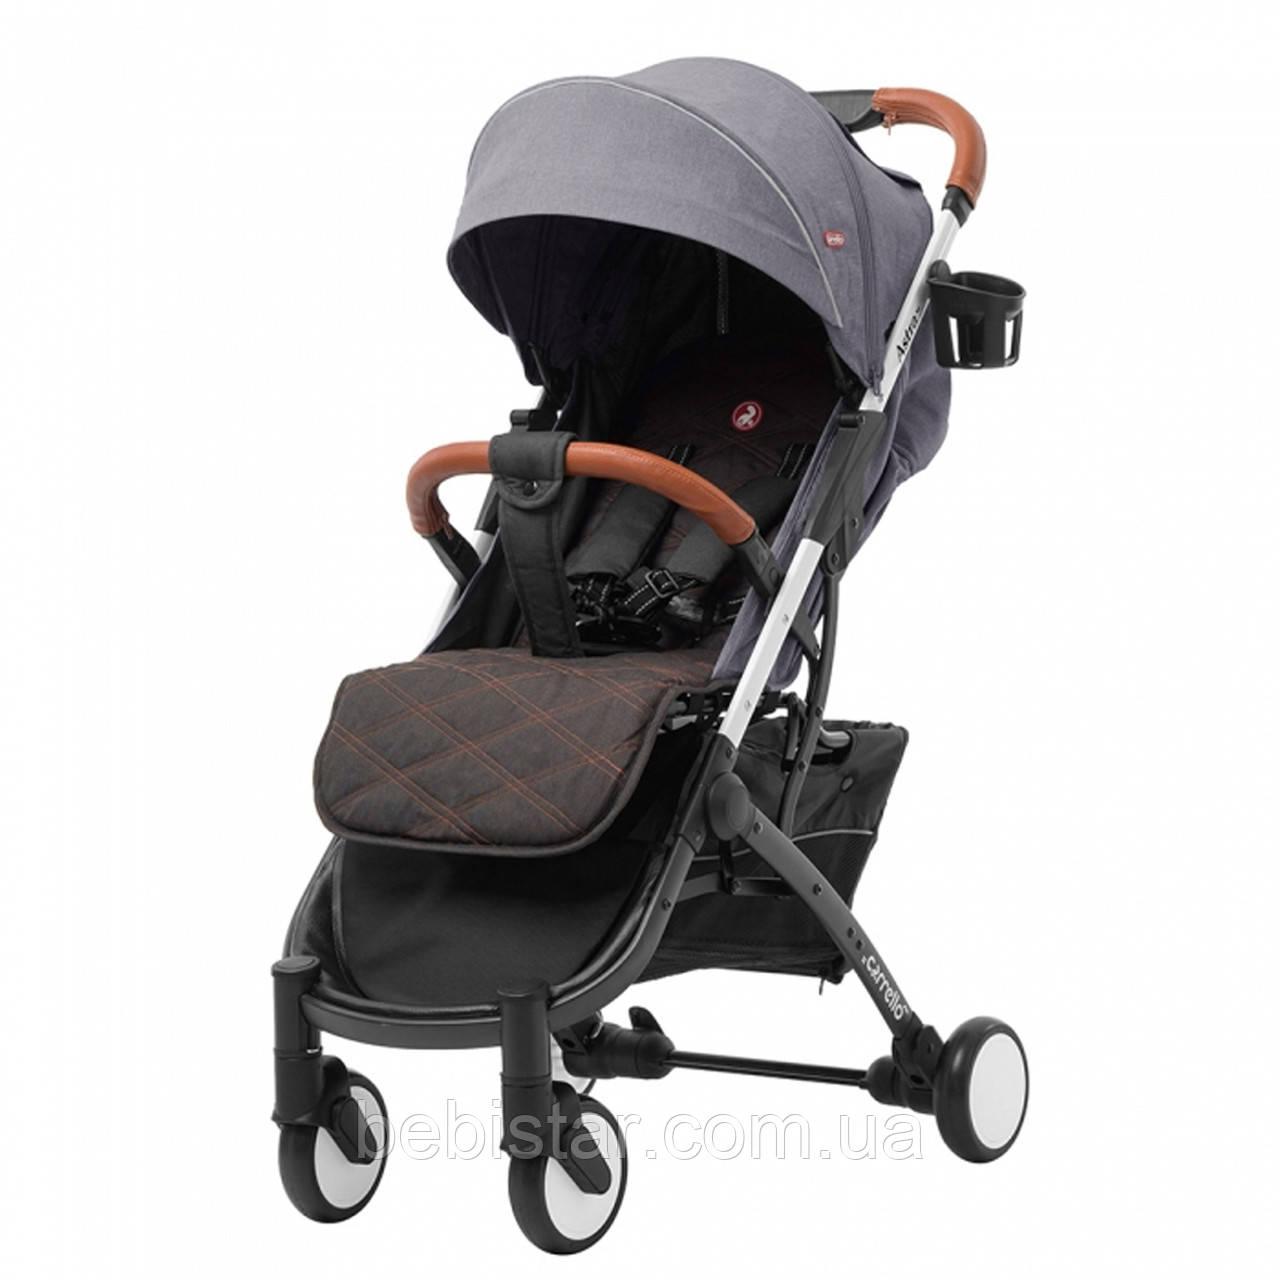 Прогулочная летняя детская коляска с сумкой москитной сеткой и дождевиком серая CARRELLO Astra Dolphin Grey